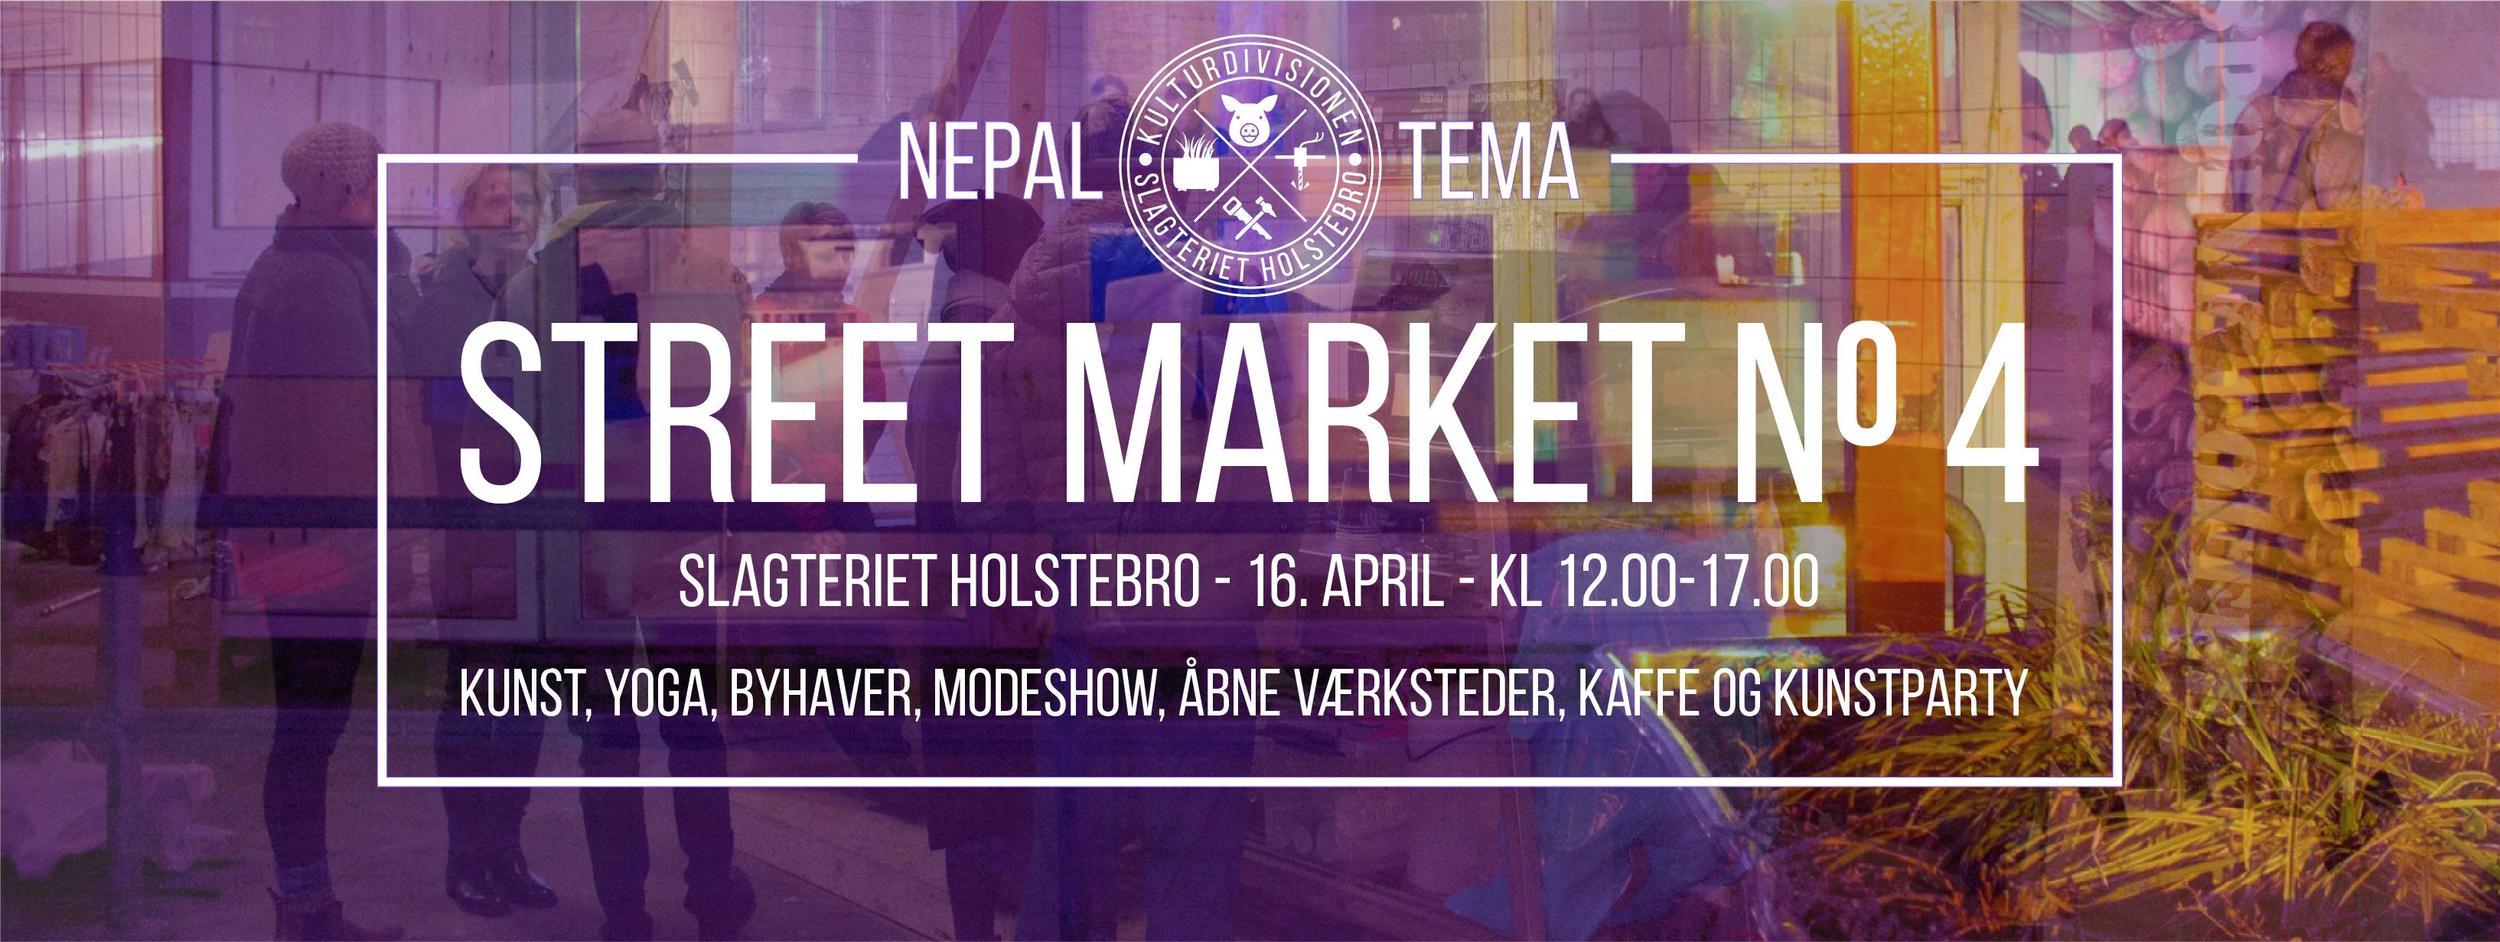 STREET MARKET NO. 4 - NEPALESISK TEMA